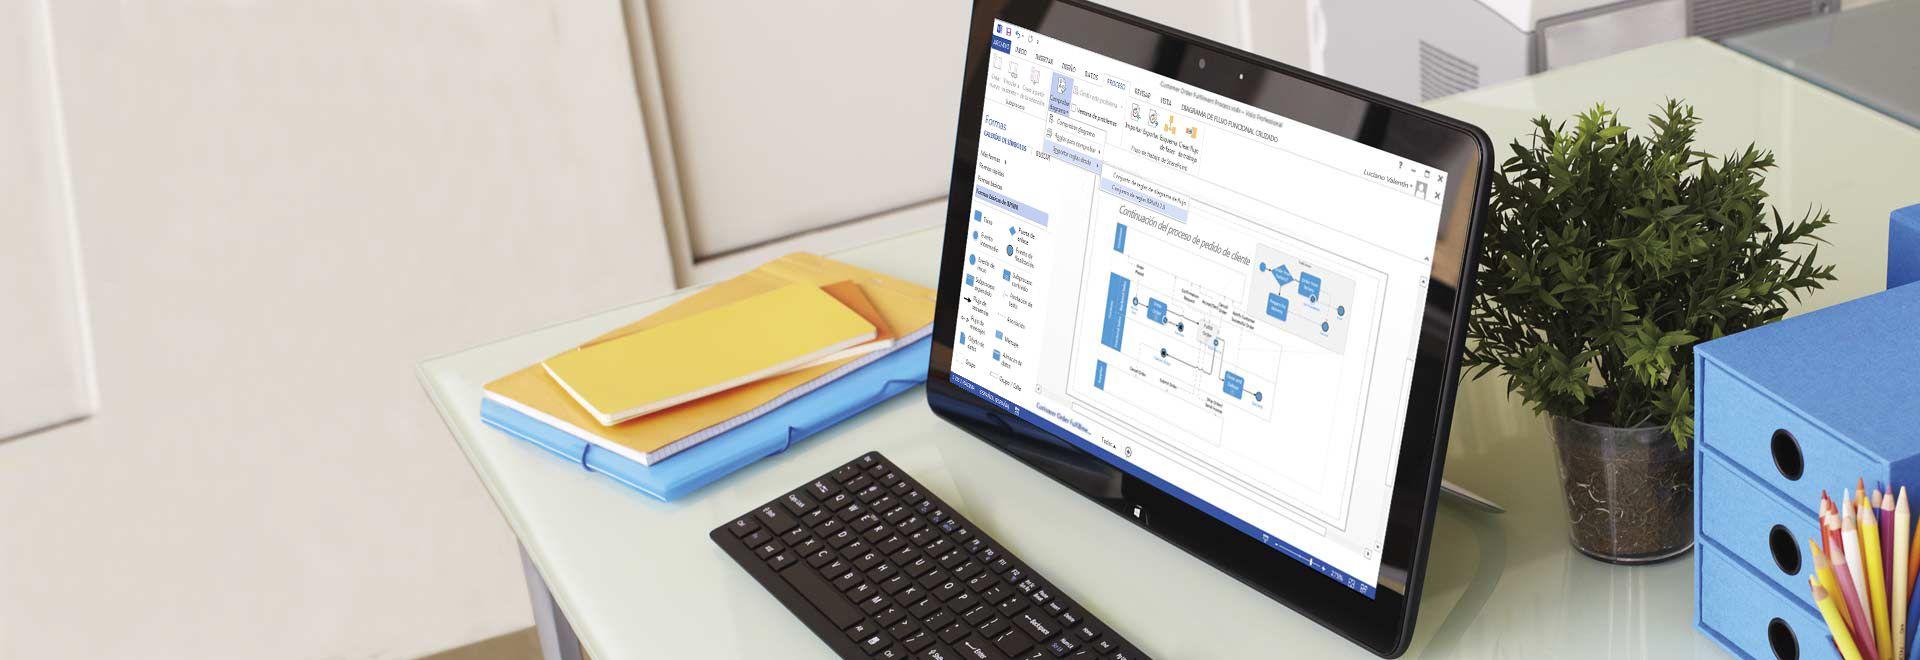 Un escritorio con una tableta donde se muestra un diagrama de procesos en Visio Profesional 2016